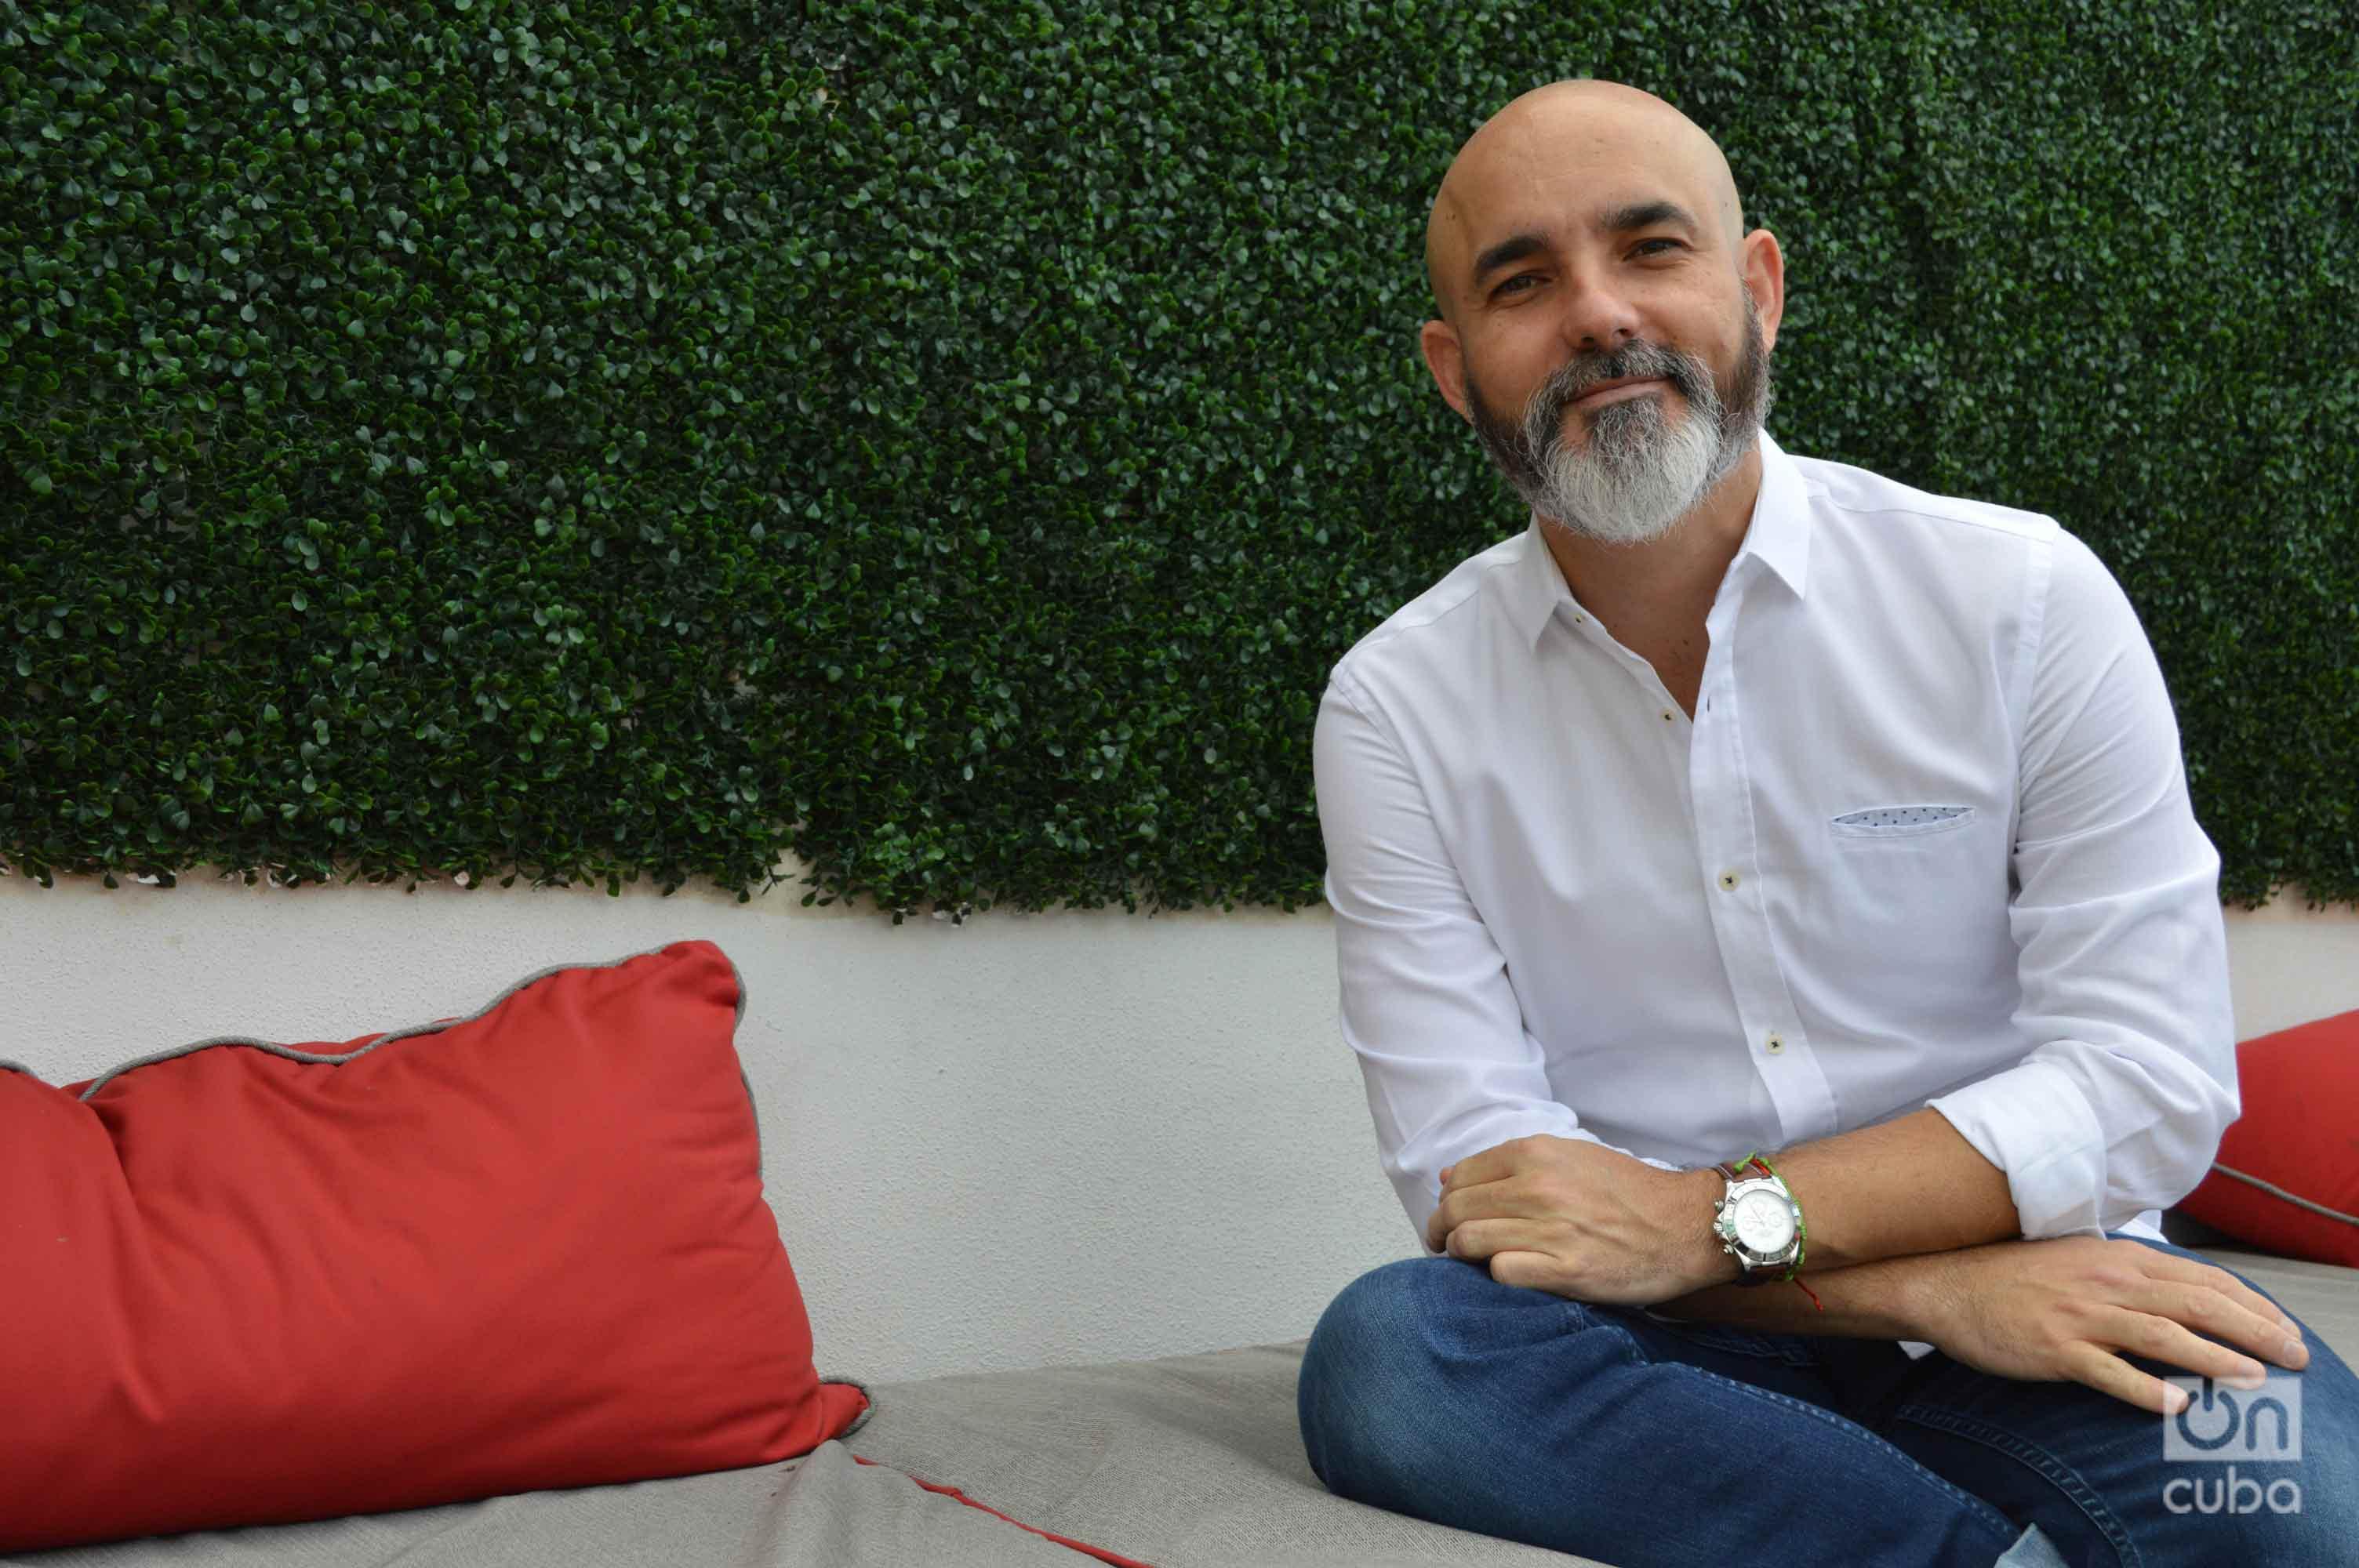 Juan E. Shamizo, founder of Vedado Social Club